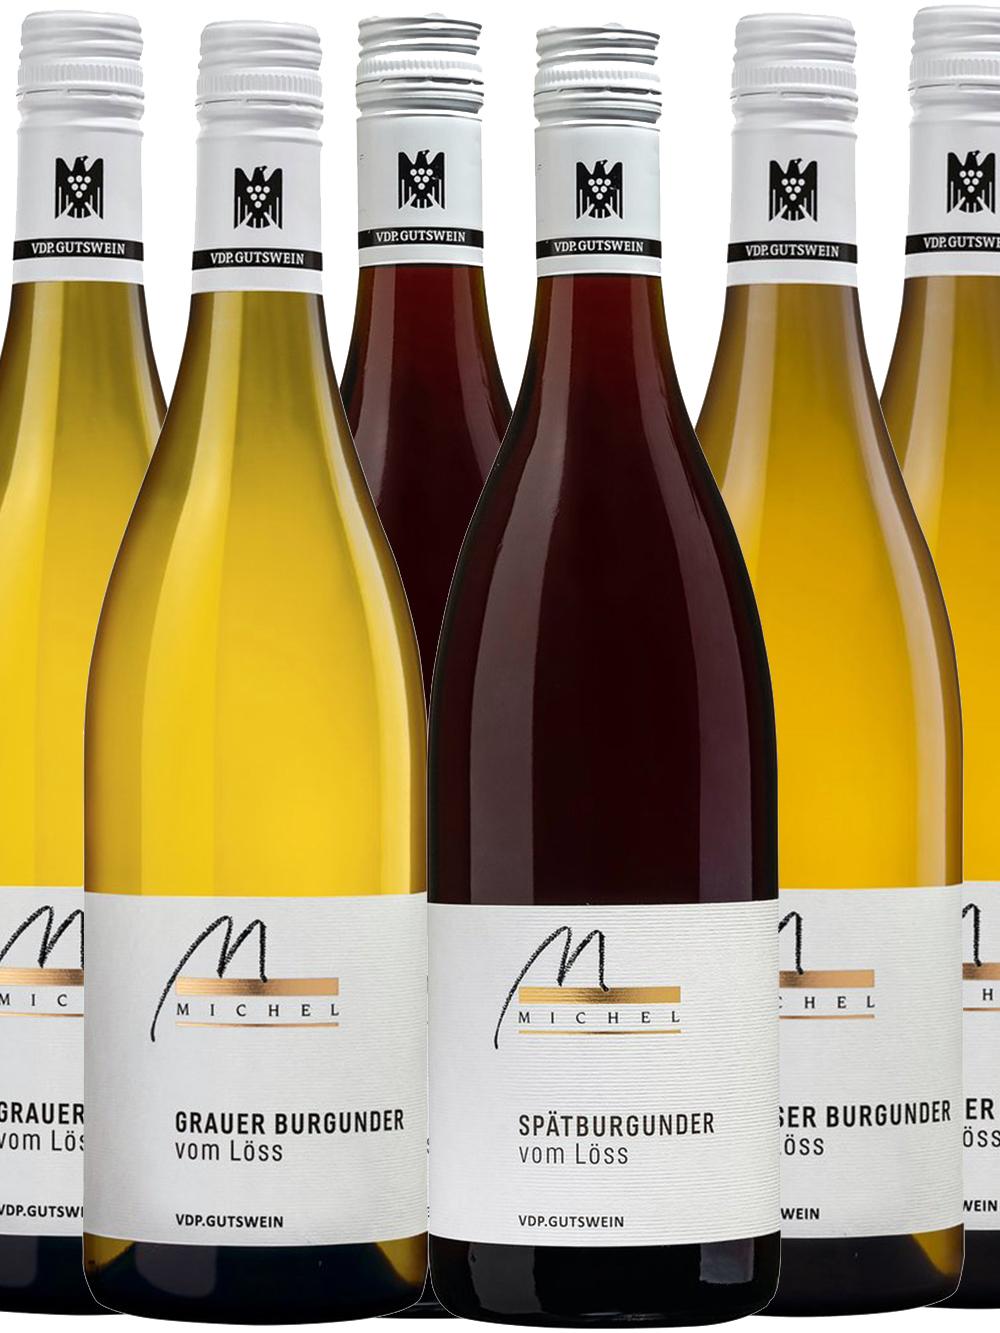 Ontdek de wijnen van Josef Michel